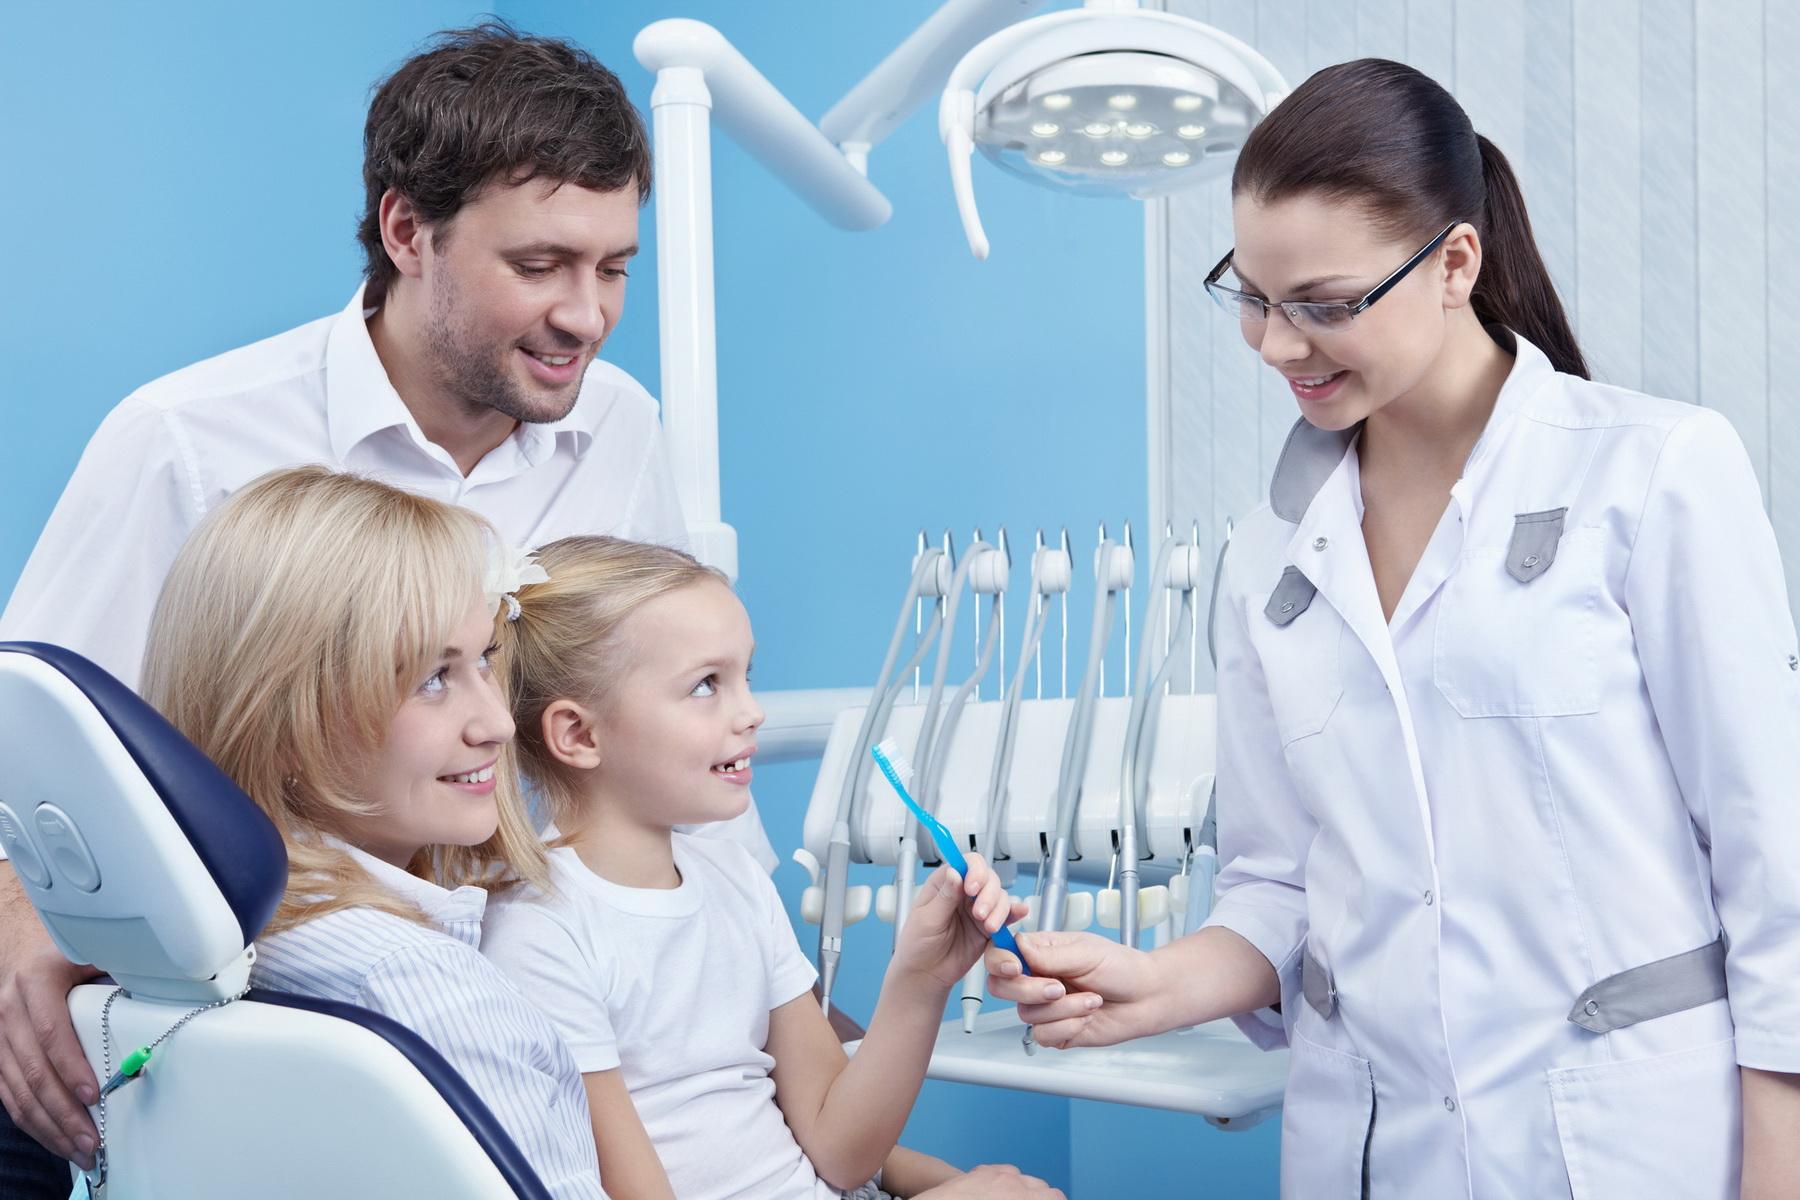 лечите людям зубы картинка простое